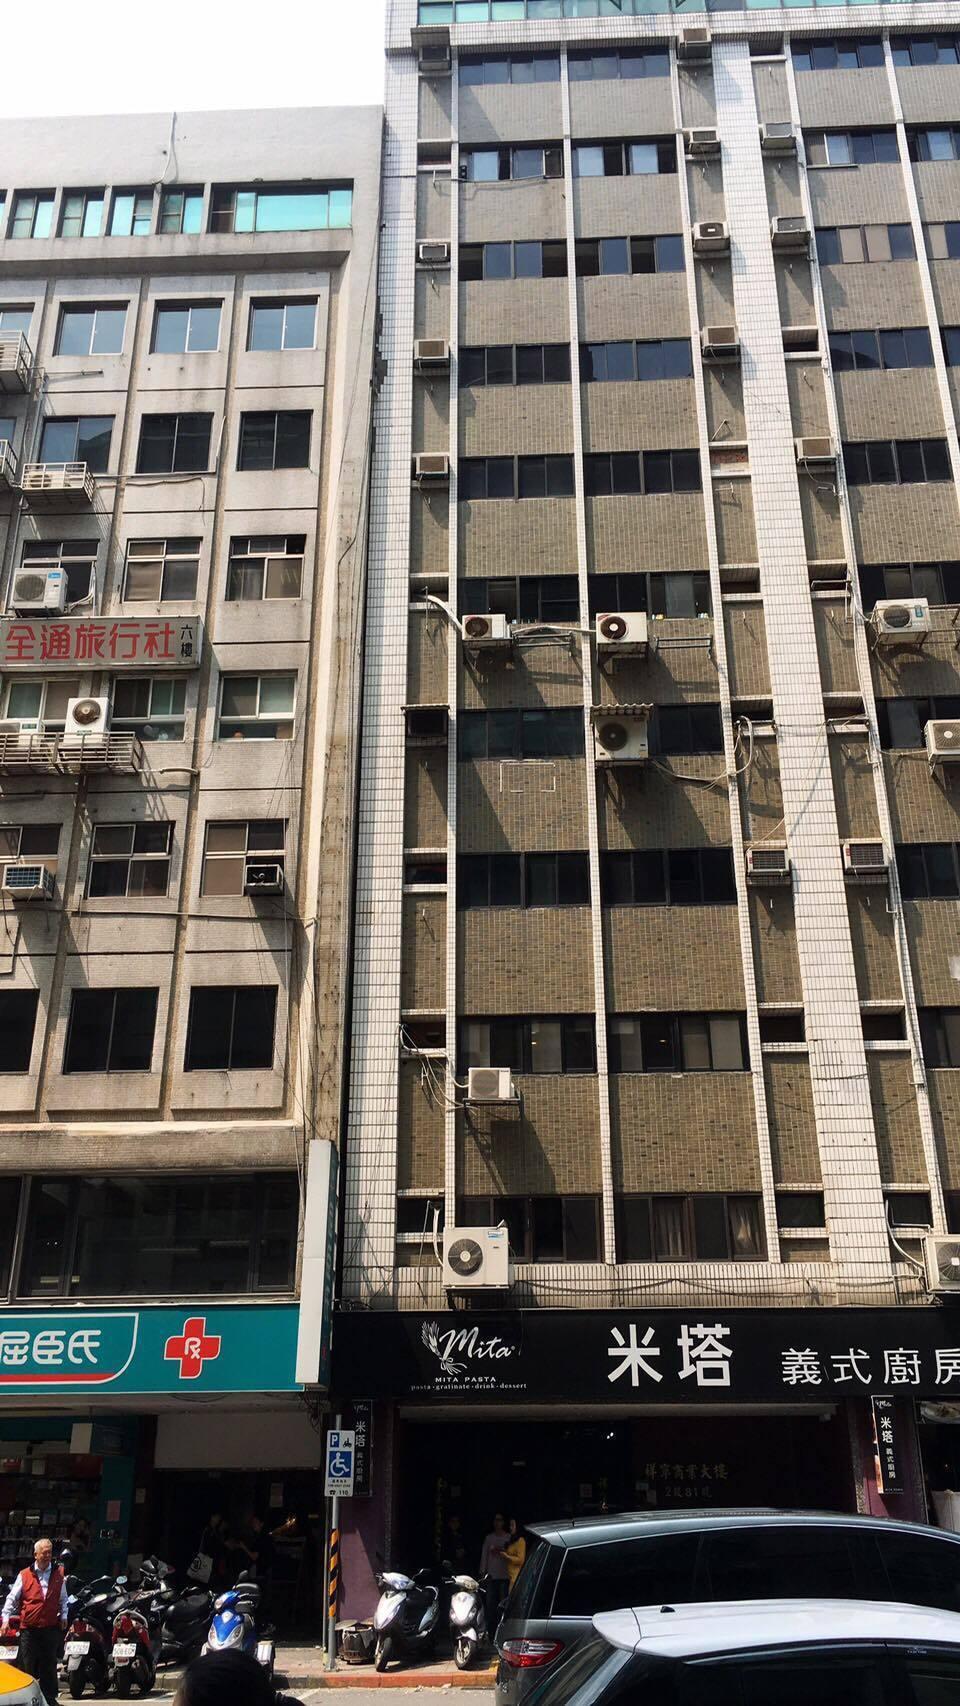 台北市長安東路二段某大樓驚傳傾斜。記者蔡翼謙/翻攝